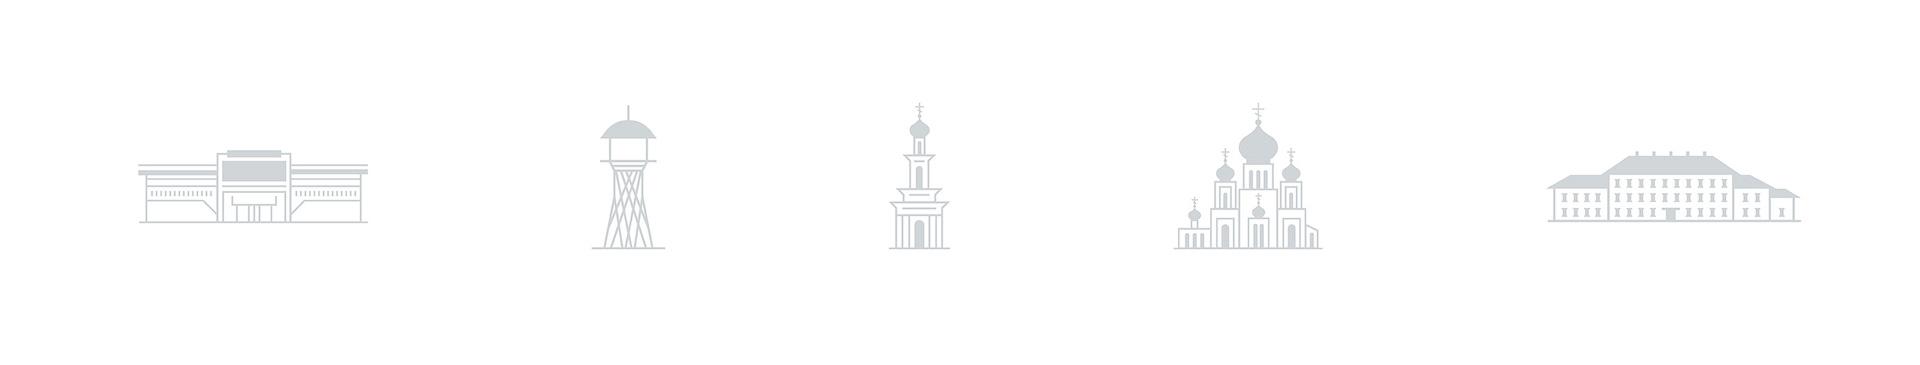 prev_shema_pap_iksa_site_4_icons